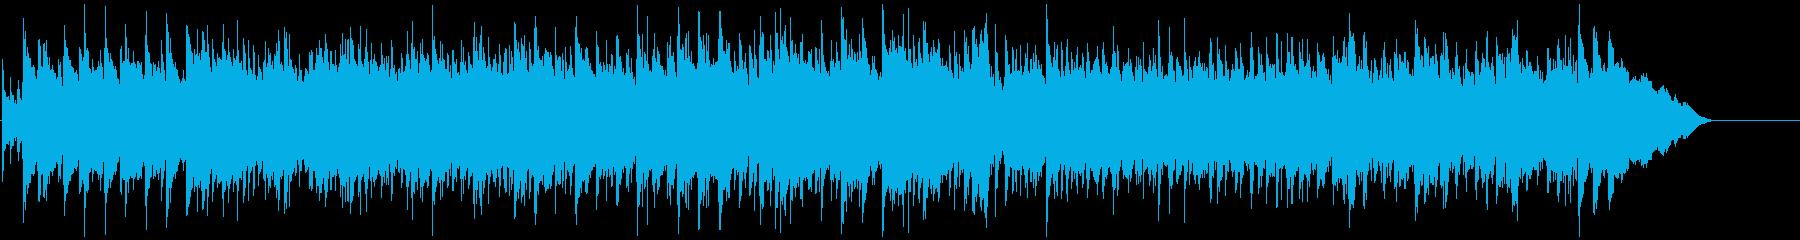 アニメOP風ロックBGMの再生済みの波形